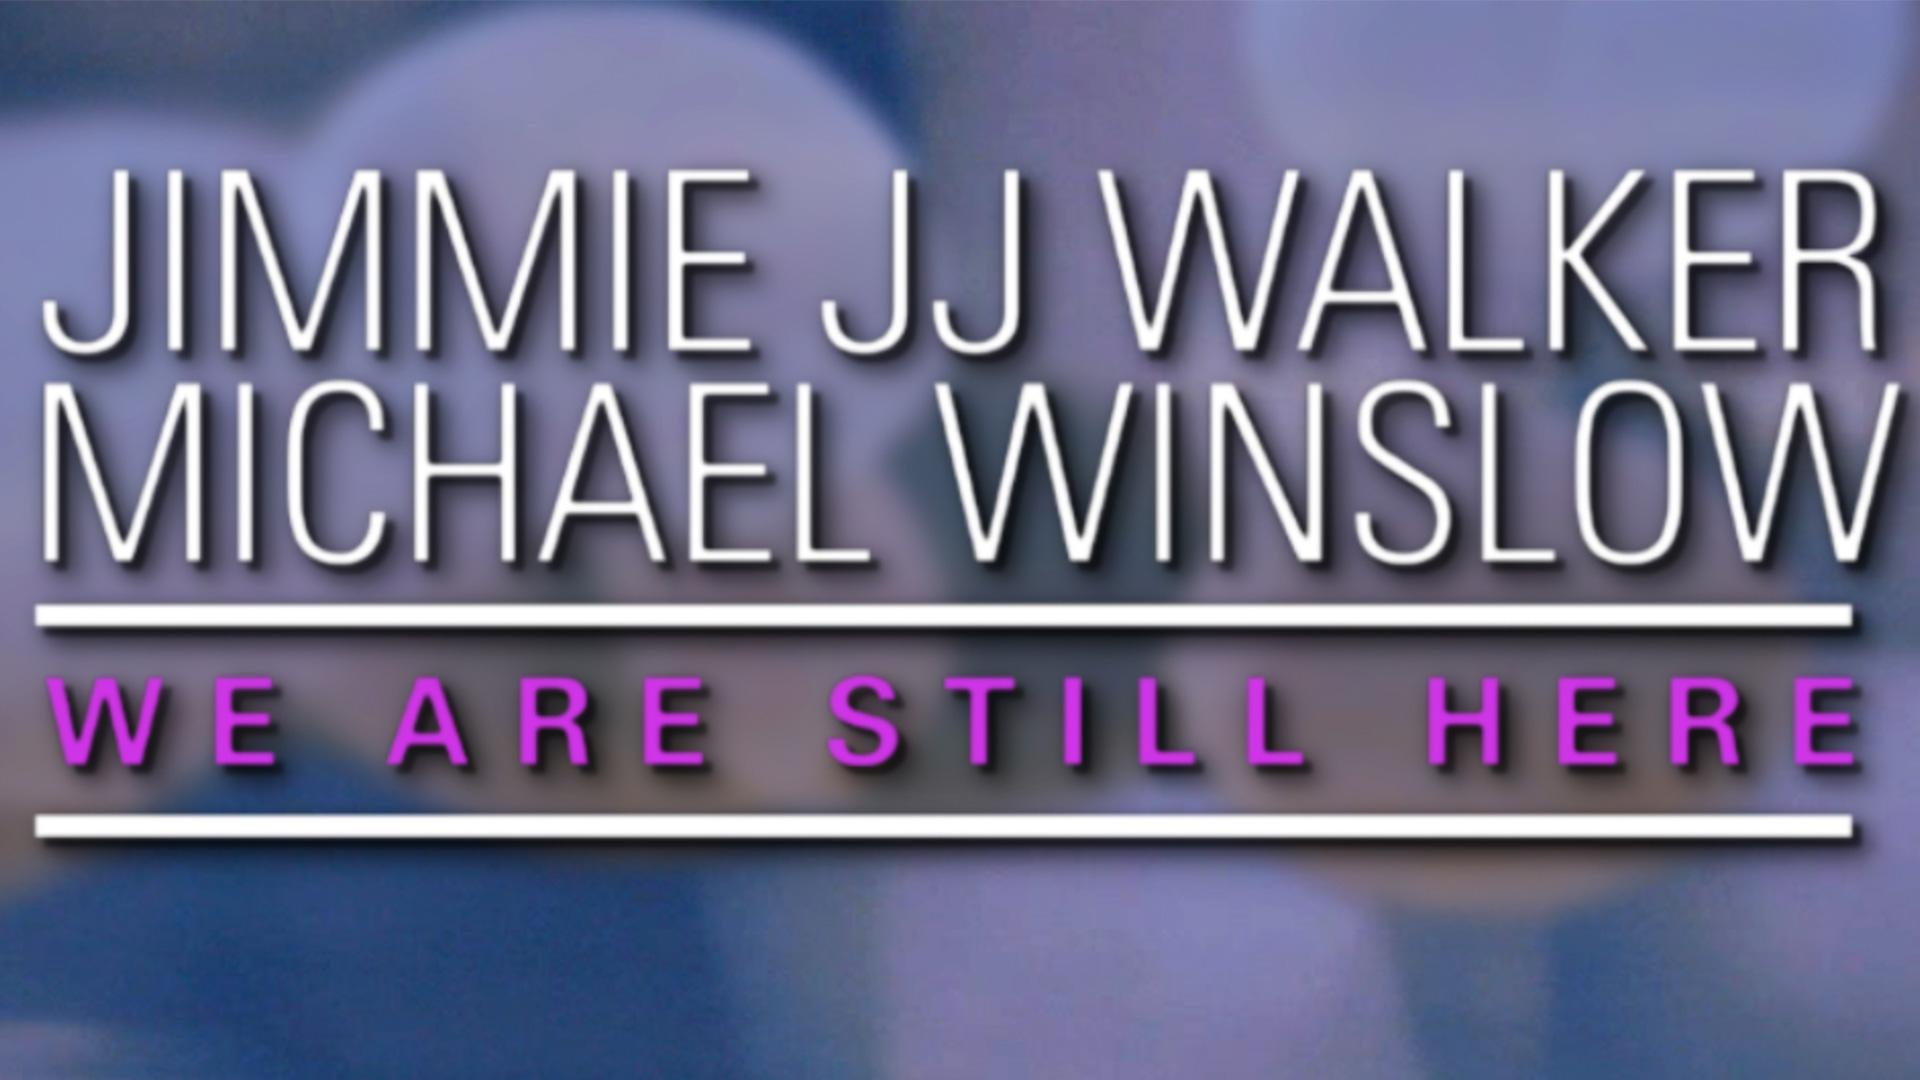 Jimmie JJ Walker & Michael Winslow: We Are Still Here